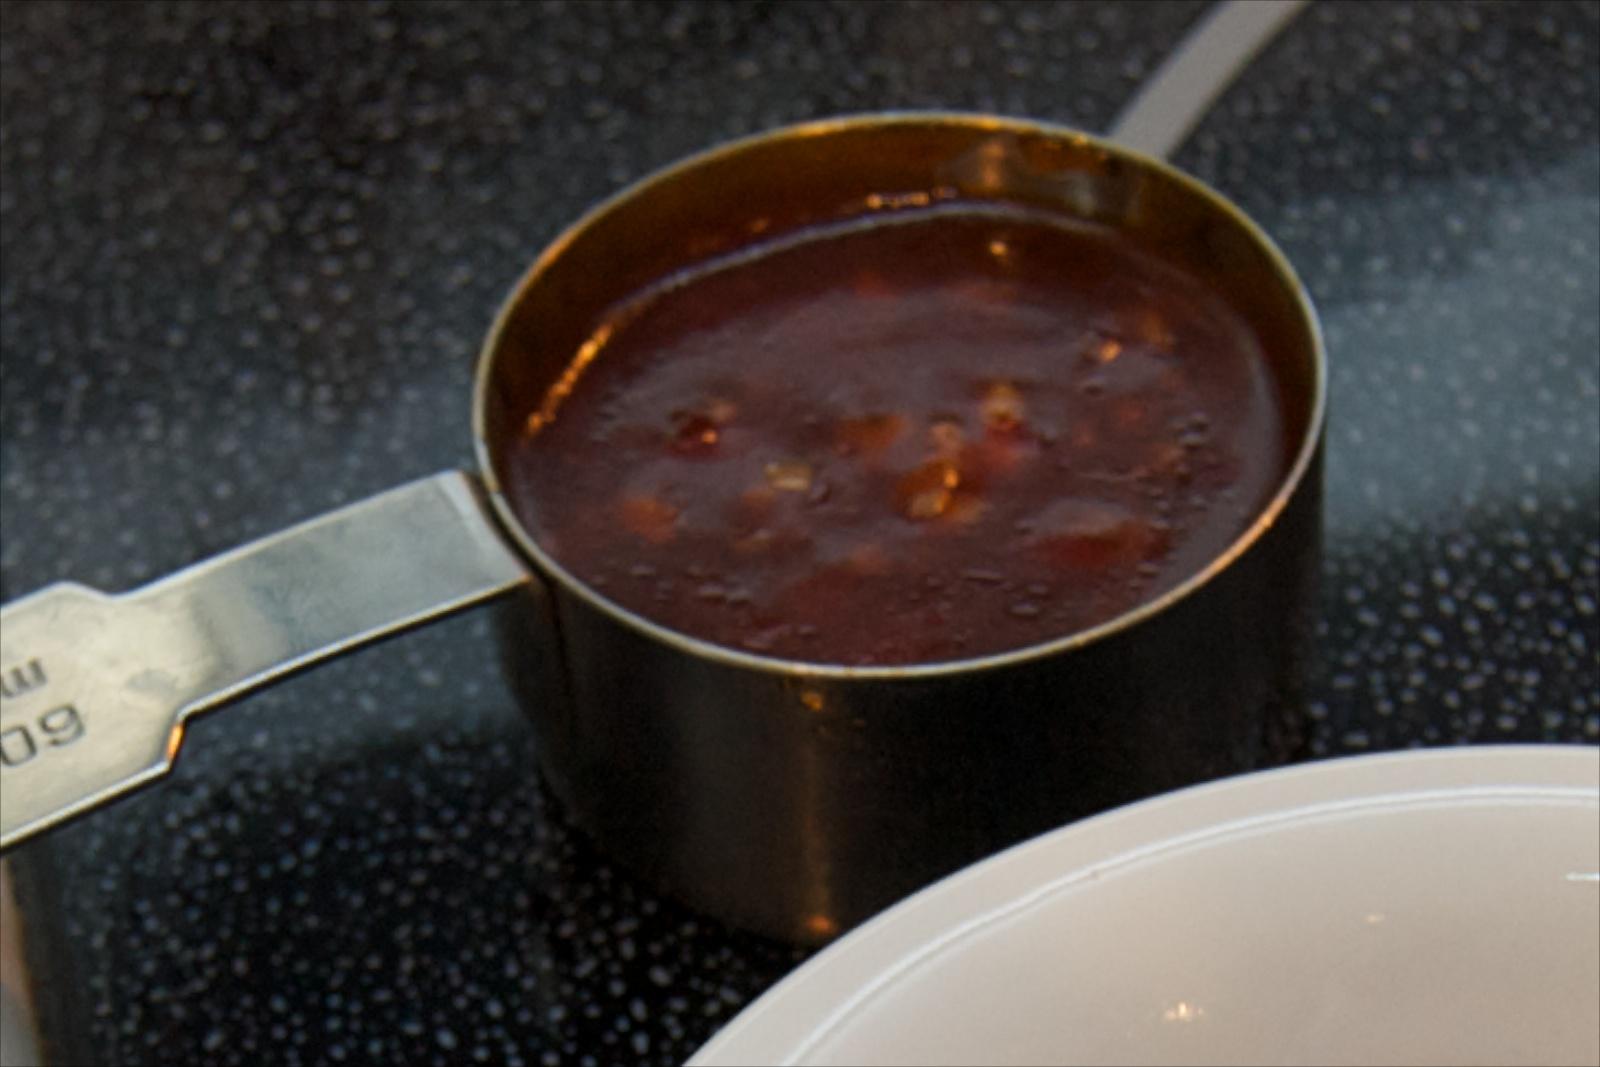 http://blog.rickk.com/food/2010/10/17/veggarlicstir2.jpg